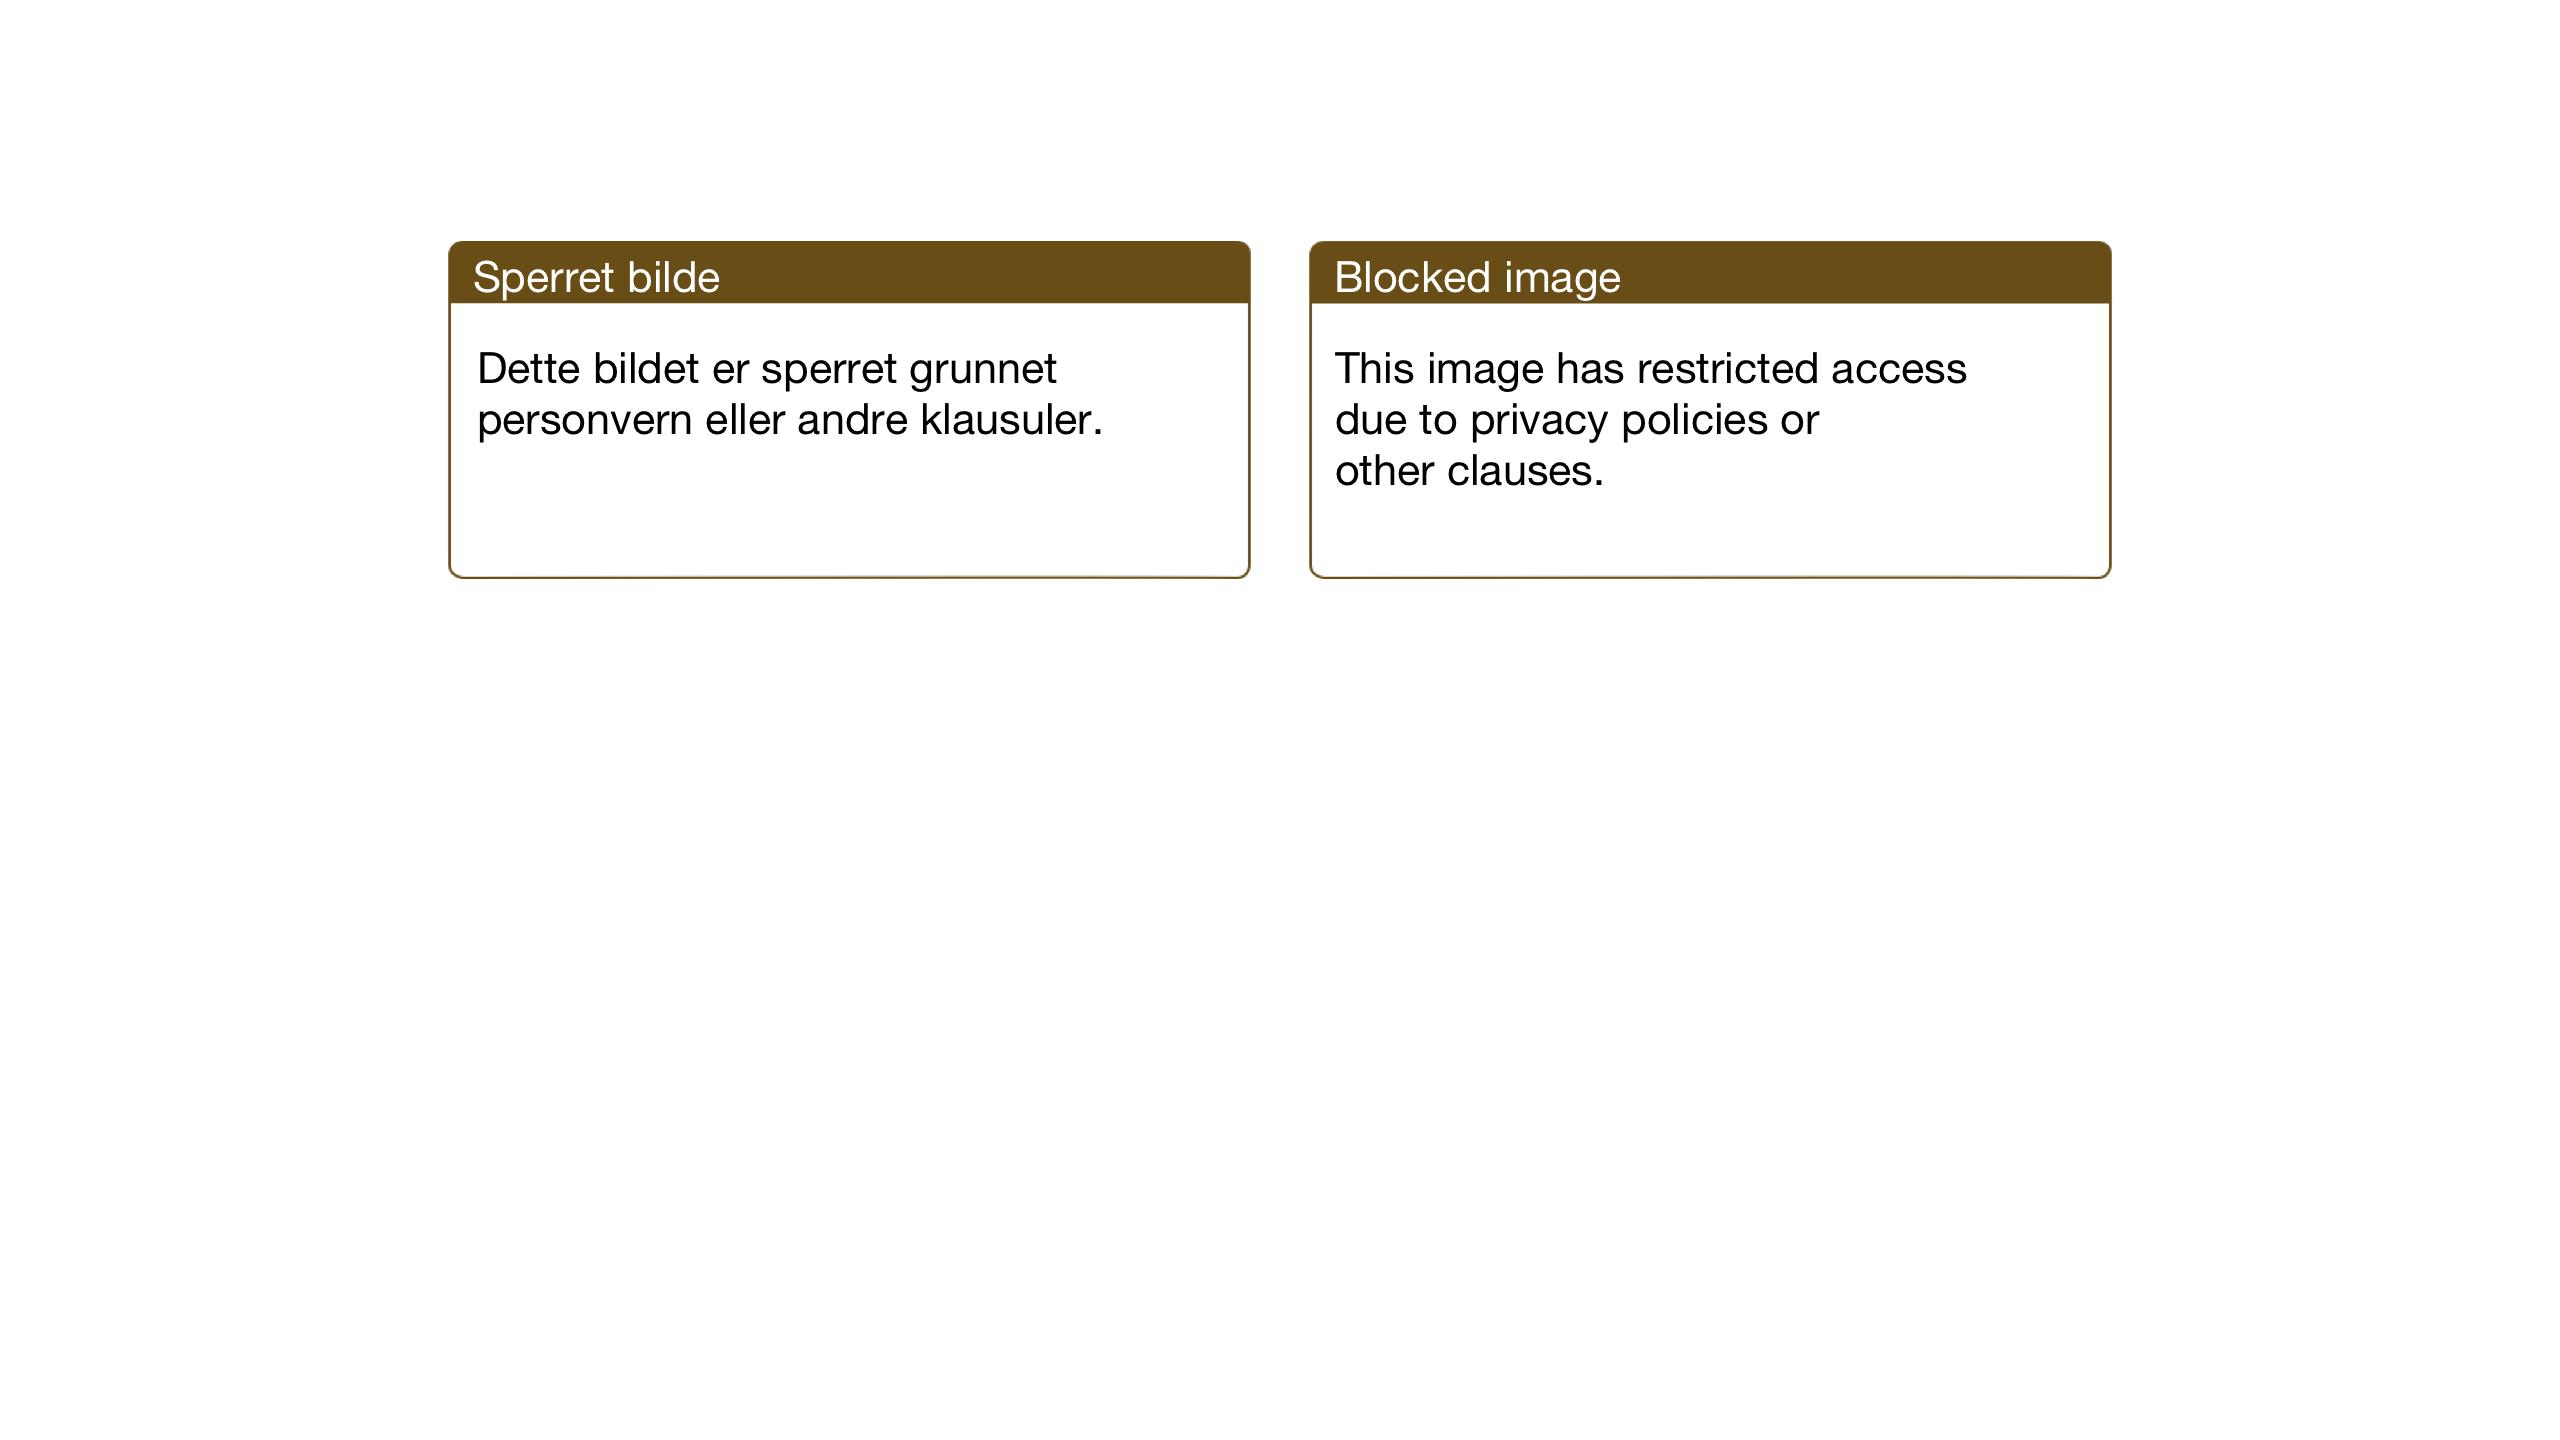 SAT, Ministerialprotokoller, klokkerbøker og fødselsregistre - Sør-Trøndelag, 674/L0877: Klokkerbok nr. 674C04, 1913-1940, s. 220